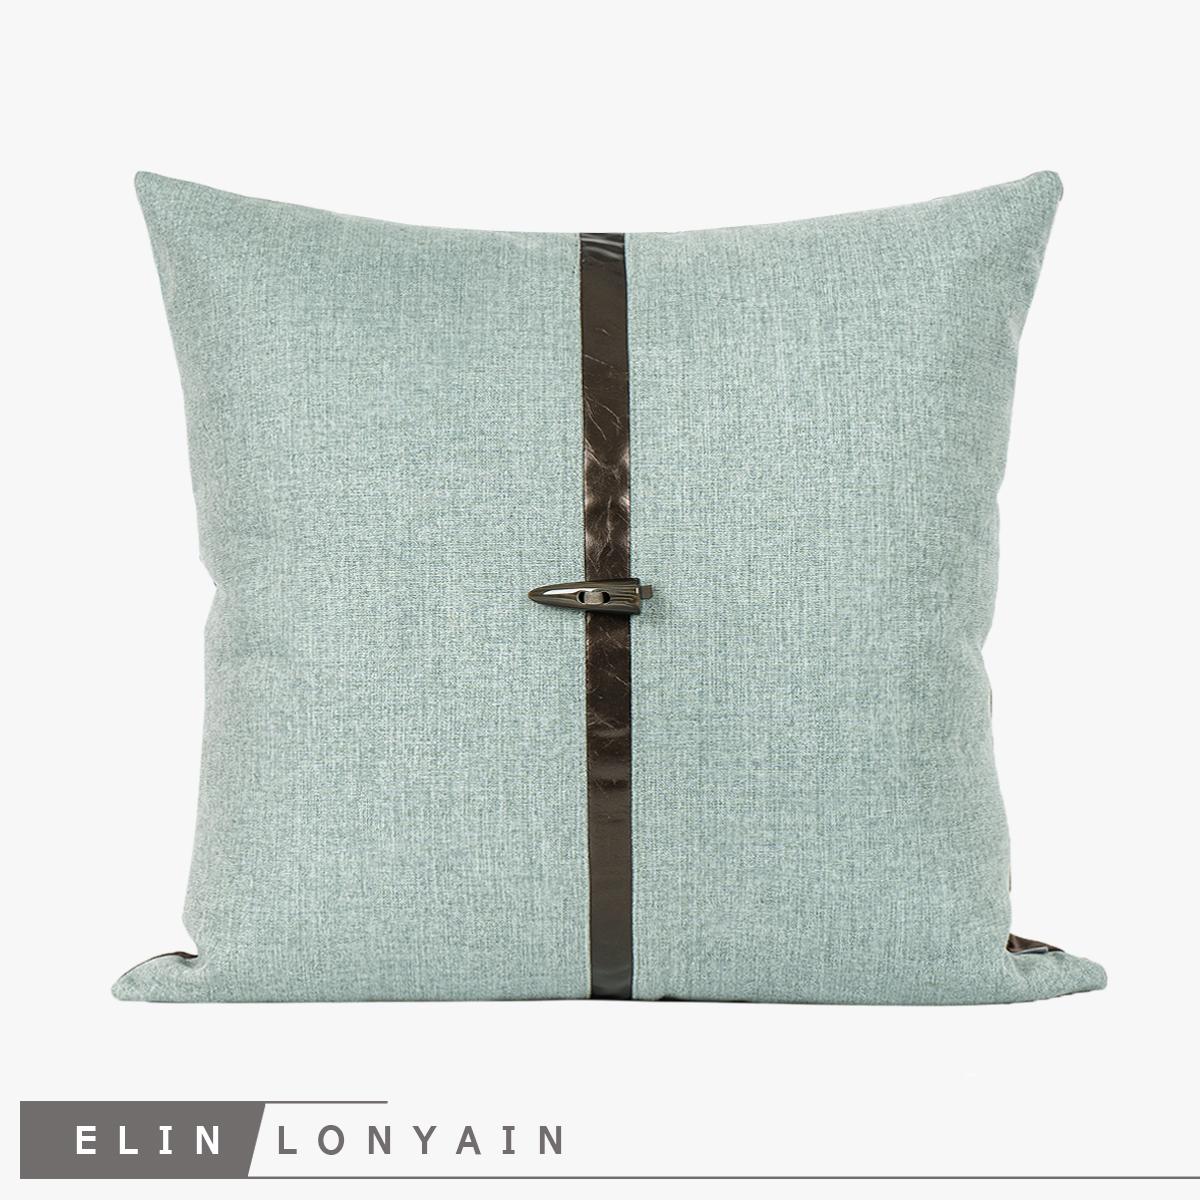 新品现代简约轻奢绿色棉麻中式肌理羊角扣靠垫抱枕别墅样板房方枕